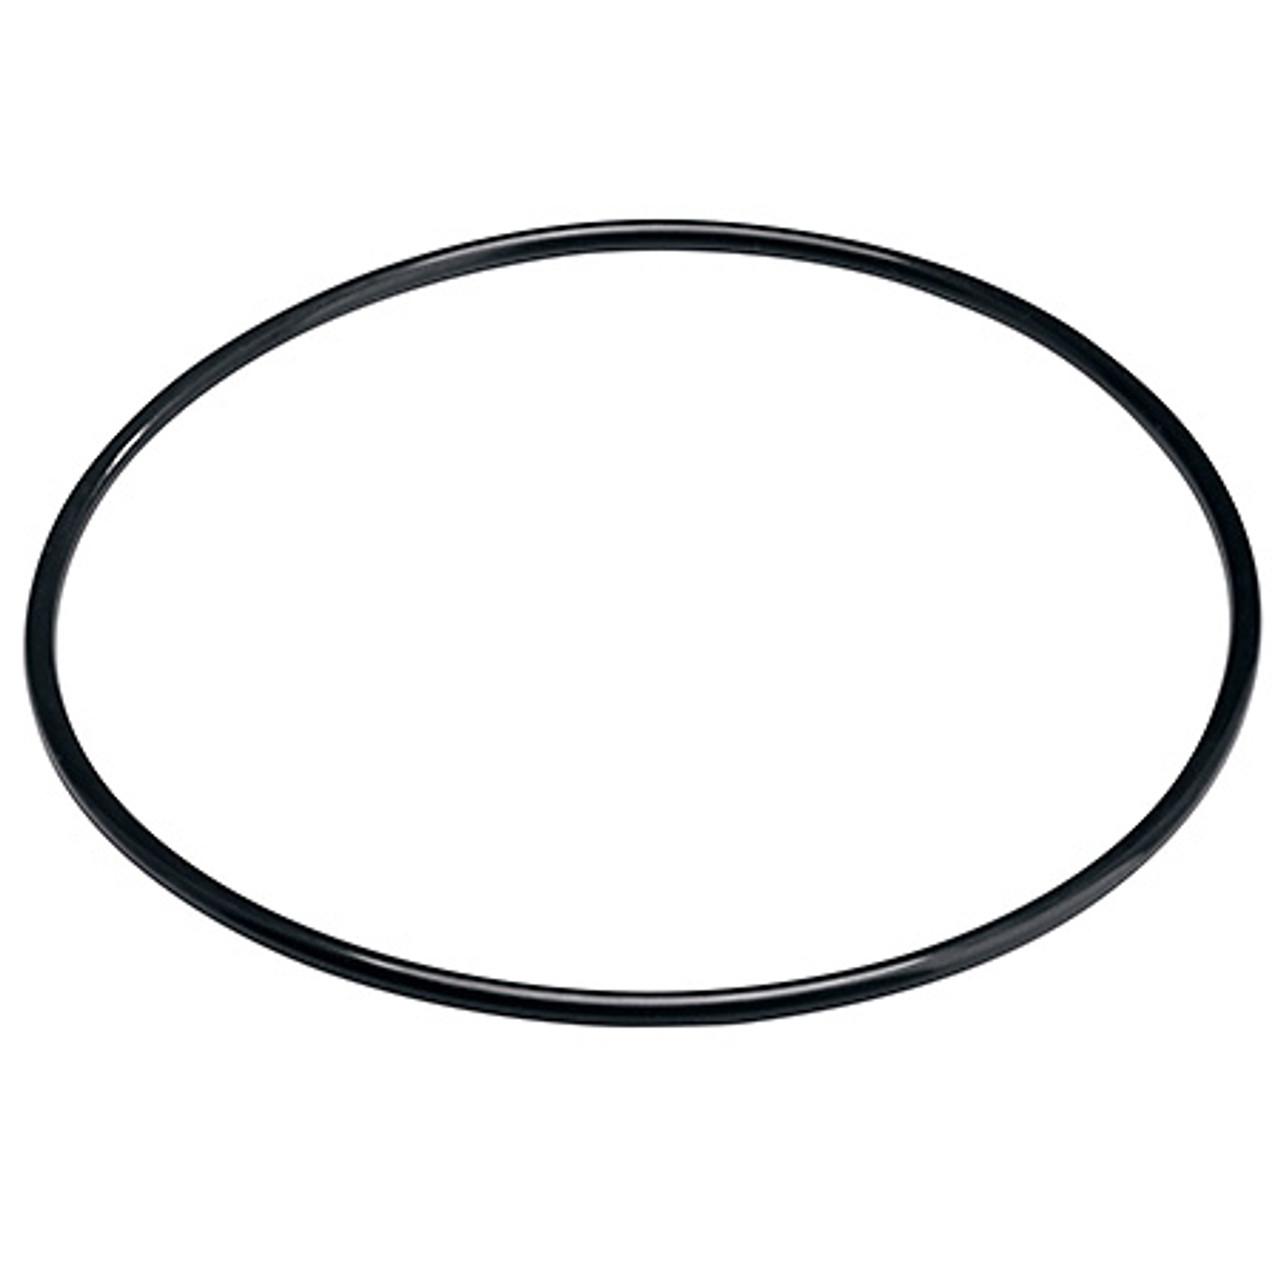 Pentair 151120 Standard O-ring